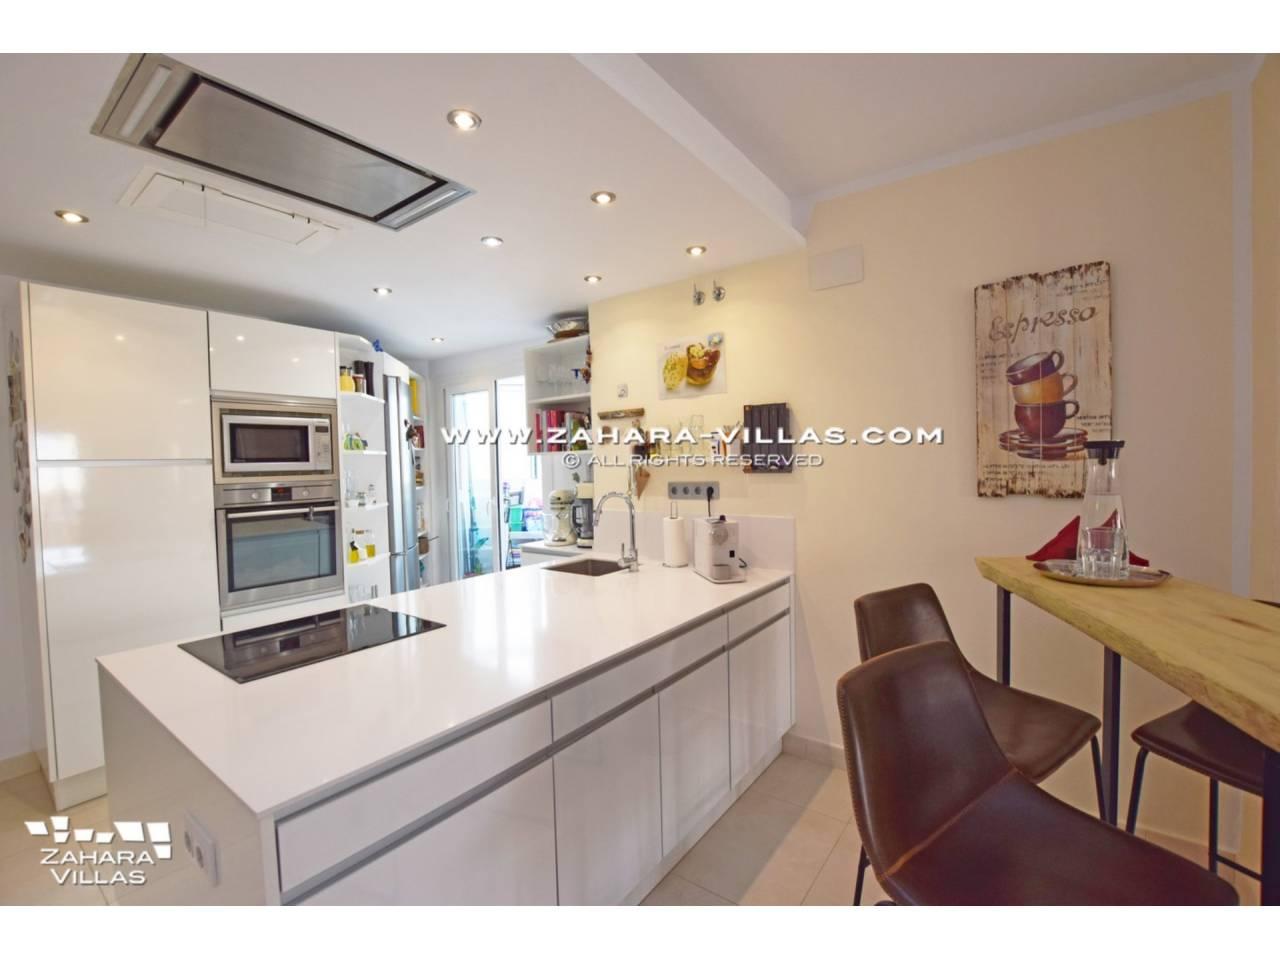 Imagen 11 de Penthouse appartment reformed for sale in Costa de la Luz